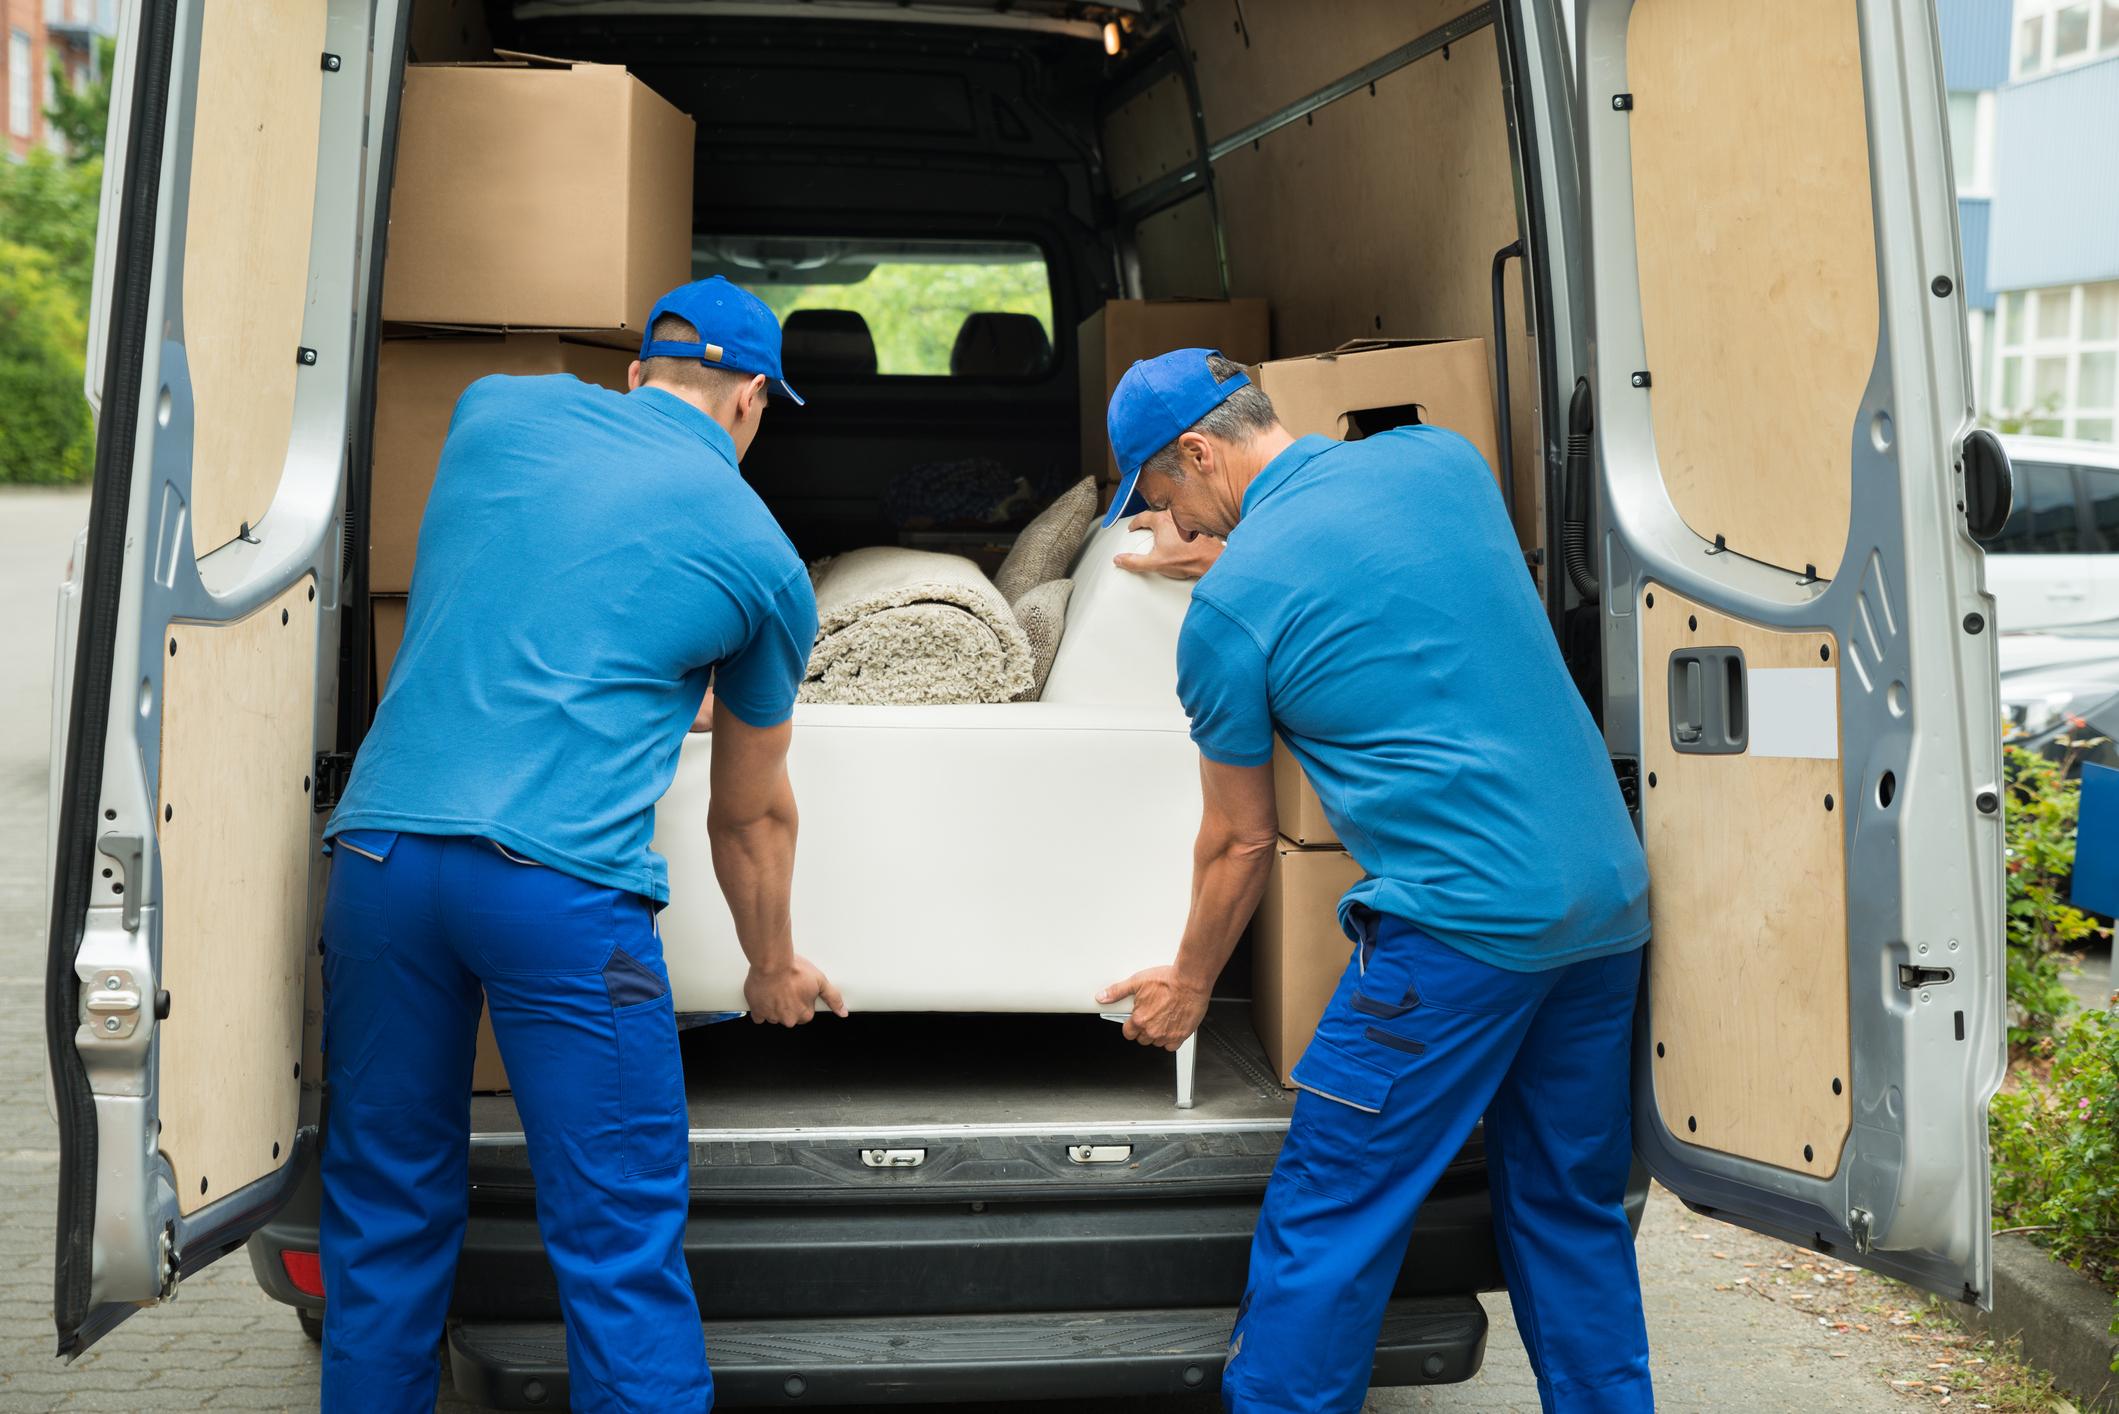 firma przeprowadzkowa pakuje meble dotransportu